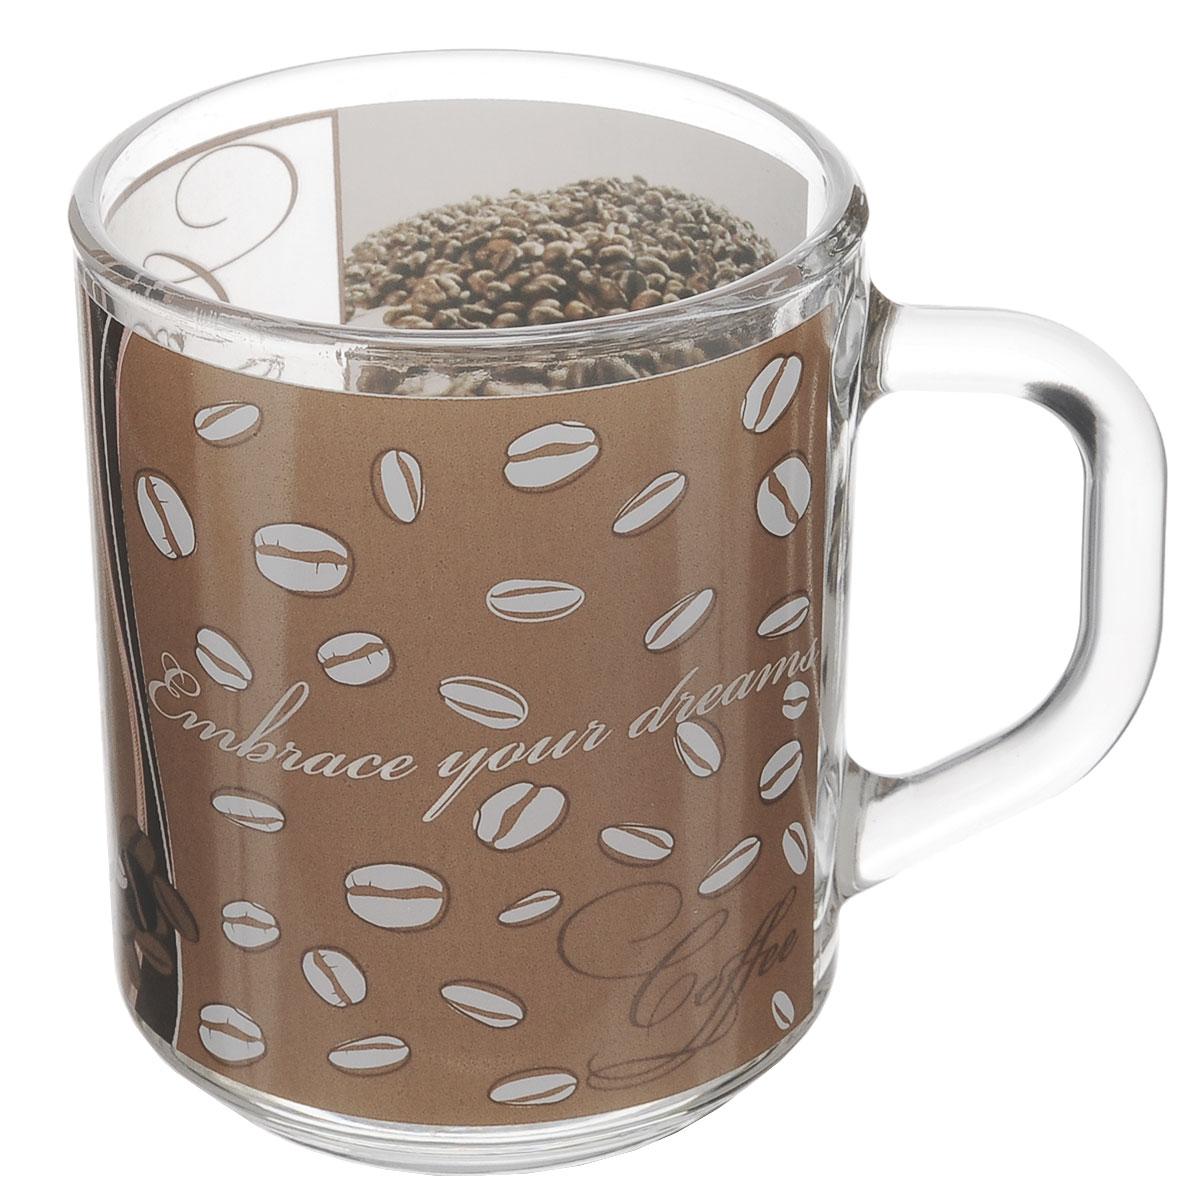 Кружка ОСЗ Кофе, 200 мл07С1335 ДЗ К8Кружка ОСЗ Кофе выполнена из высококачественного стекла. Внешние стенки оформлены изображением зерен кофе. Такая кружка станет неизменным атрибутом чаепития и порадует вас классическим лаконичным дизайном и практичностью.